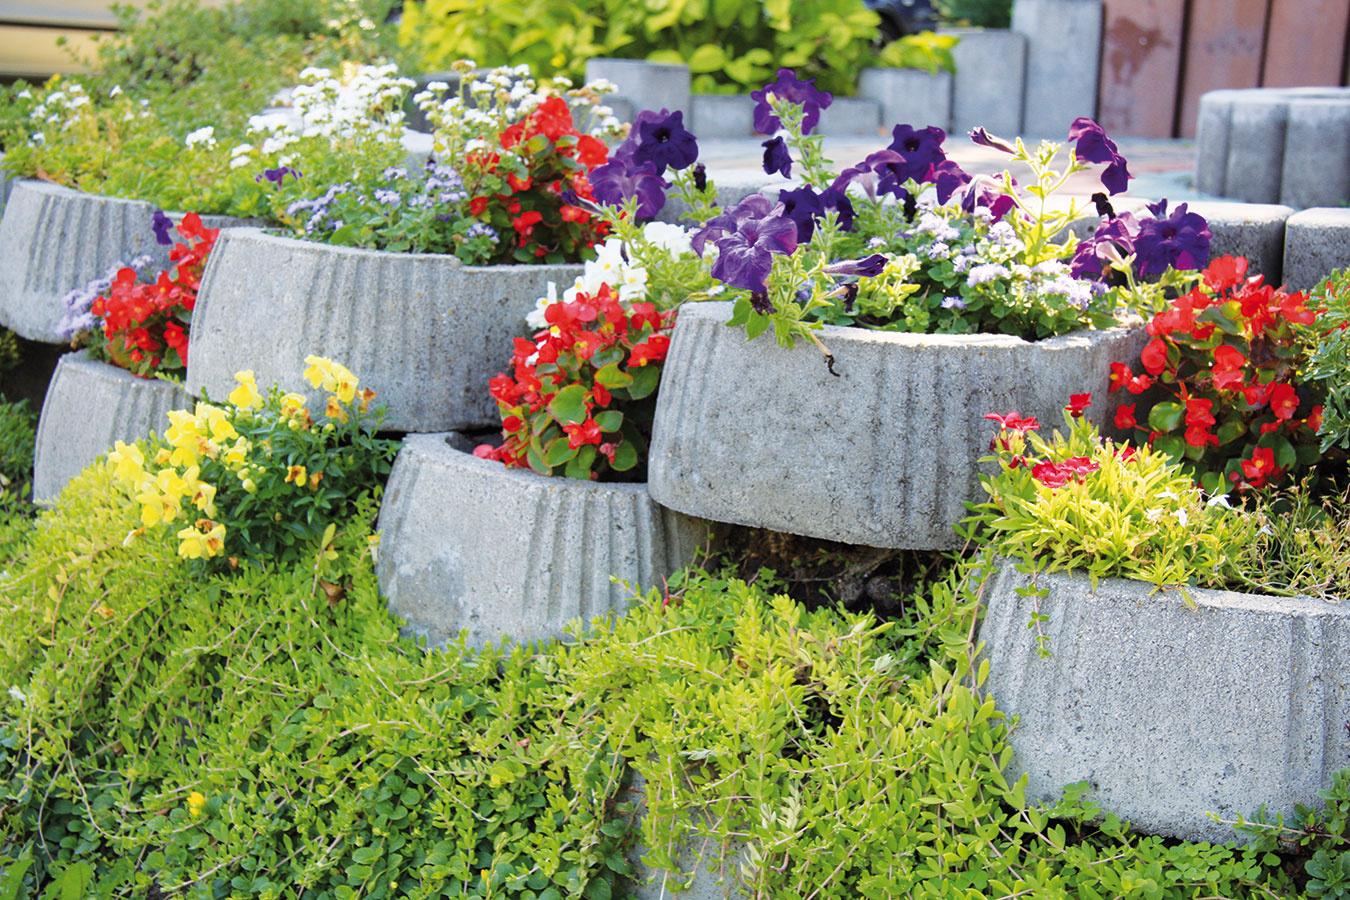 Tvárnice či múriky nie je dobré preplniť, skôr sa žiada vyhradiť každej rastline dostatok miesta, aby mohla vyniknúť vplnej kráse. Obávať sa nemusíte ani výraznejších farebných kombinácií.